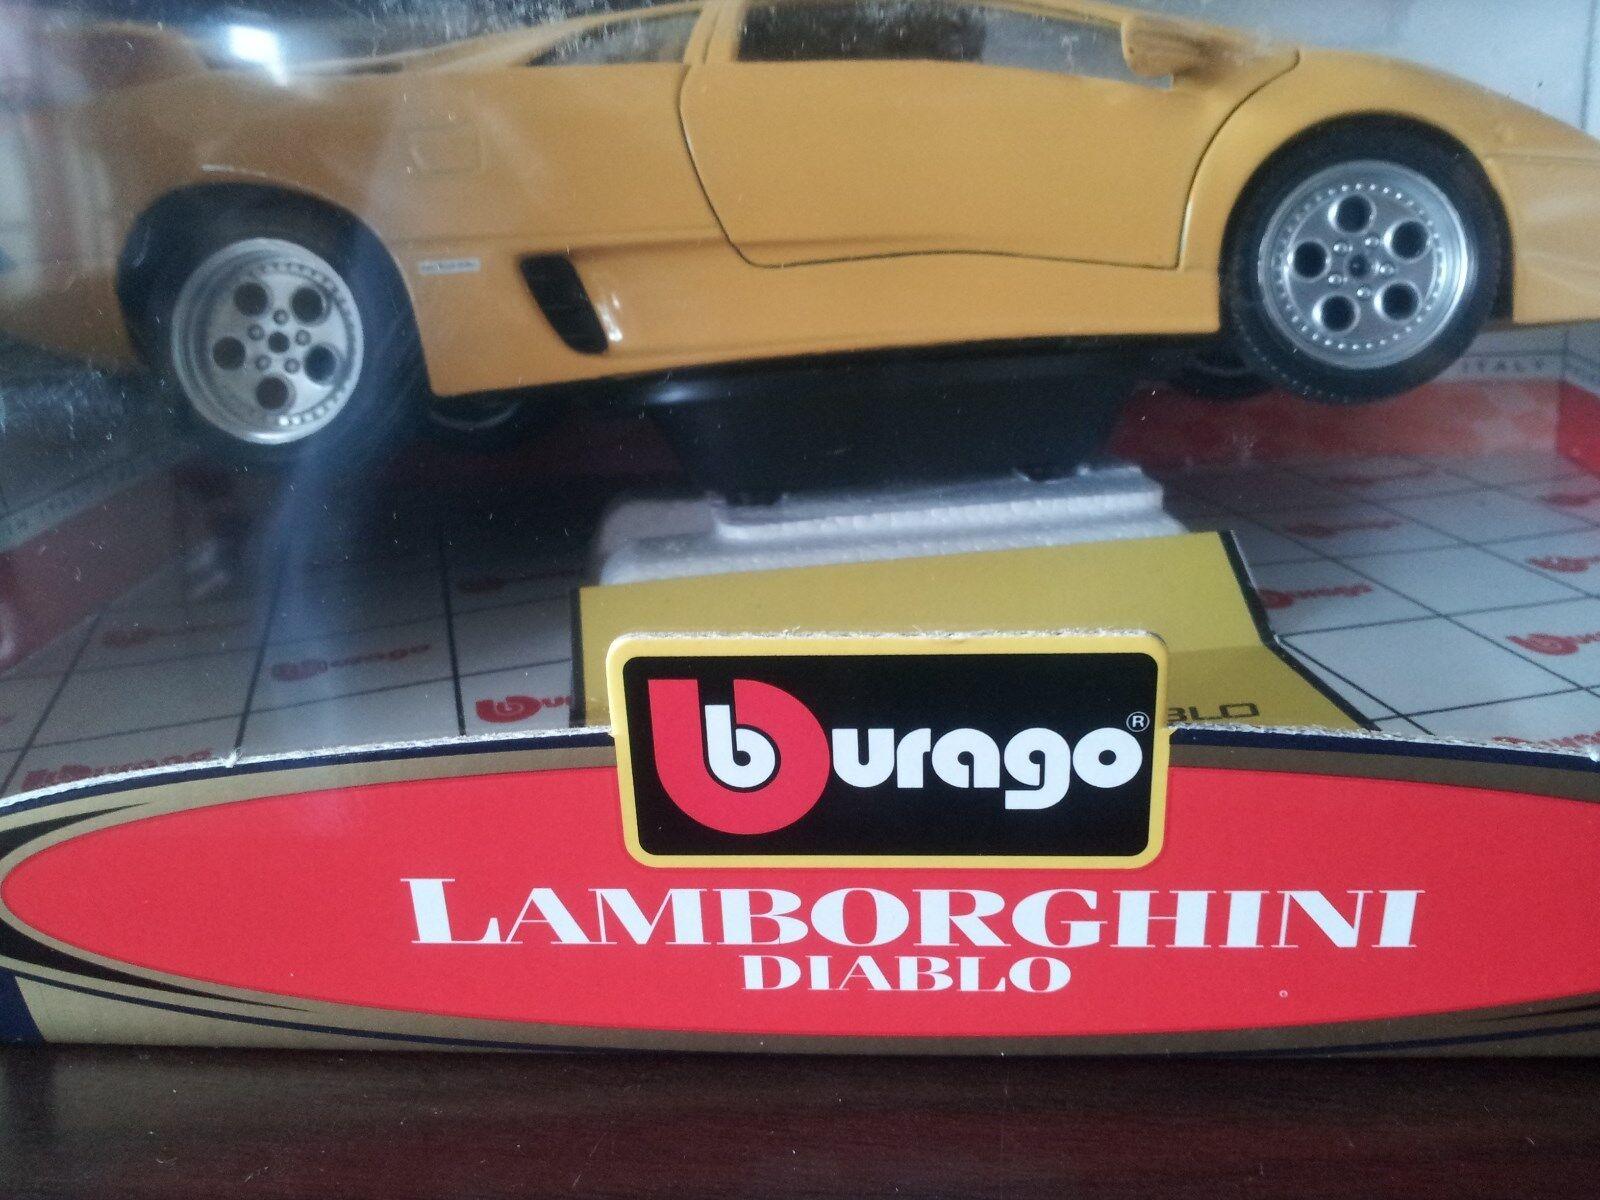 Lamborghini Diablo en métal Die Cast Auto jaune (toujours en boîte) 1 18  Made